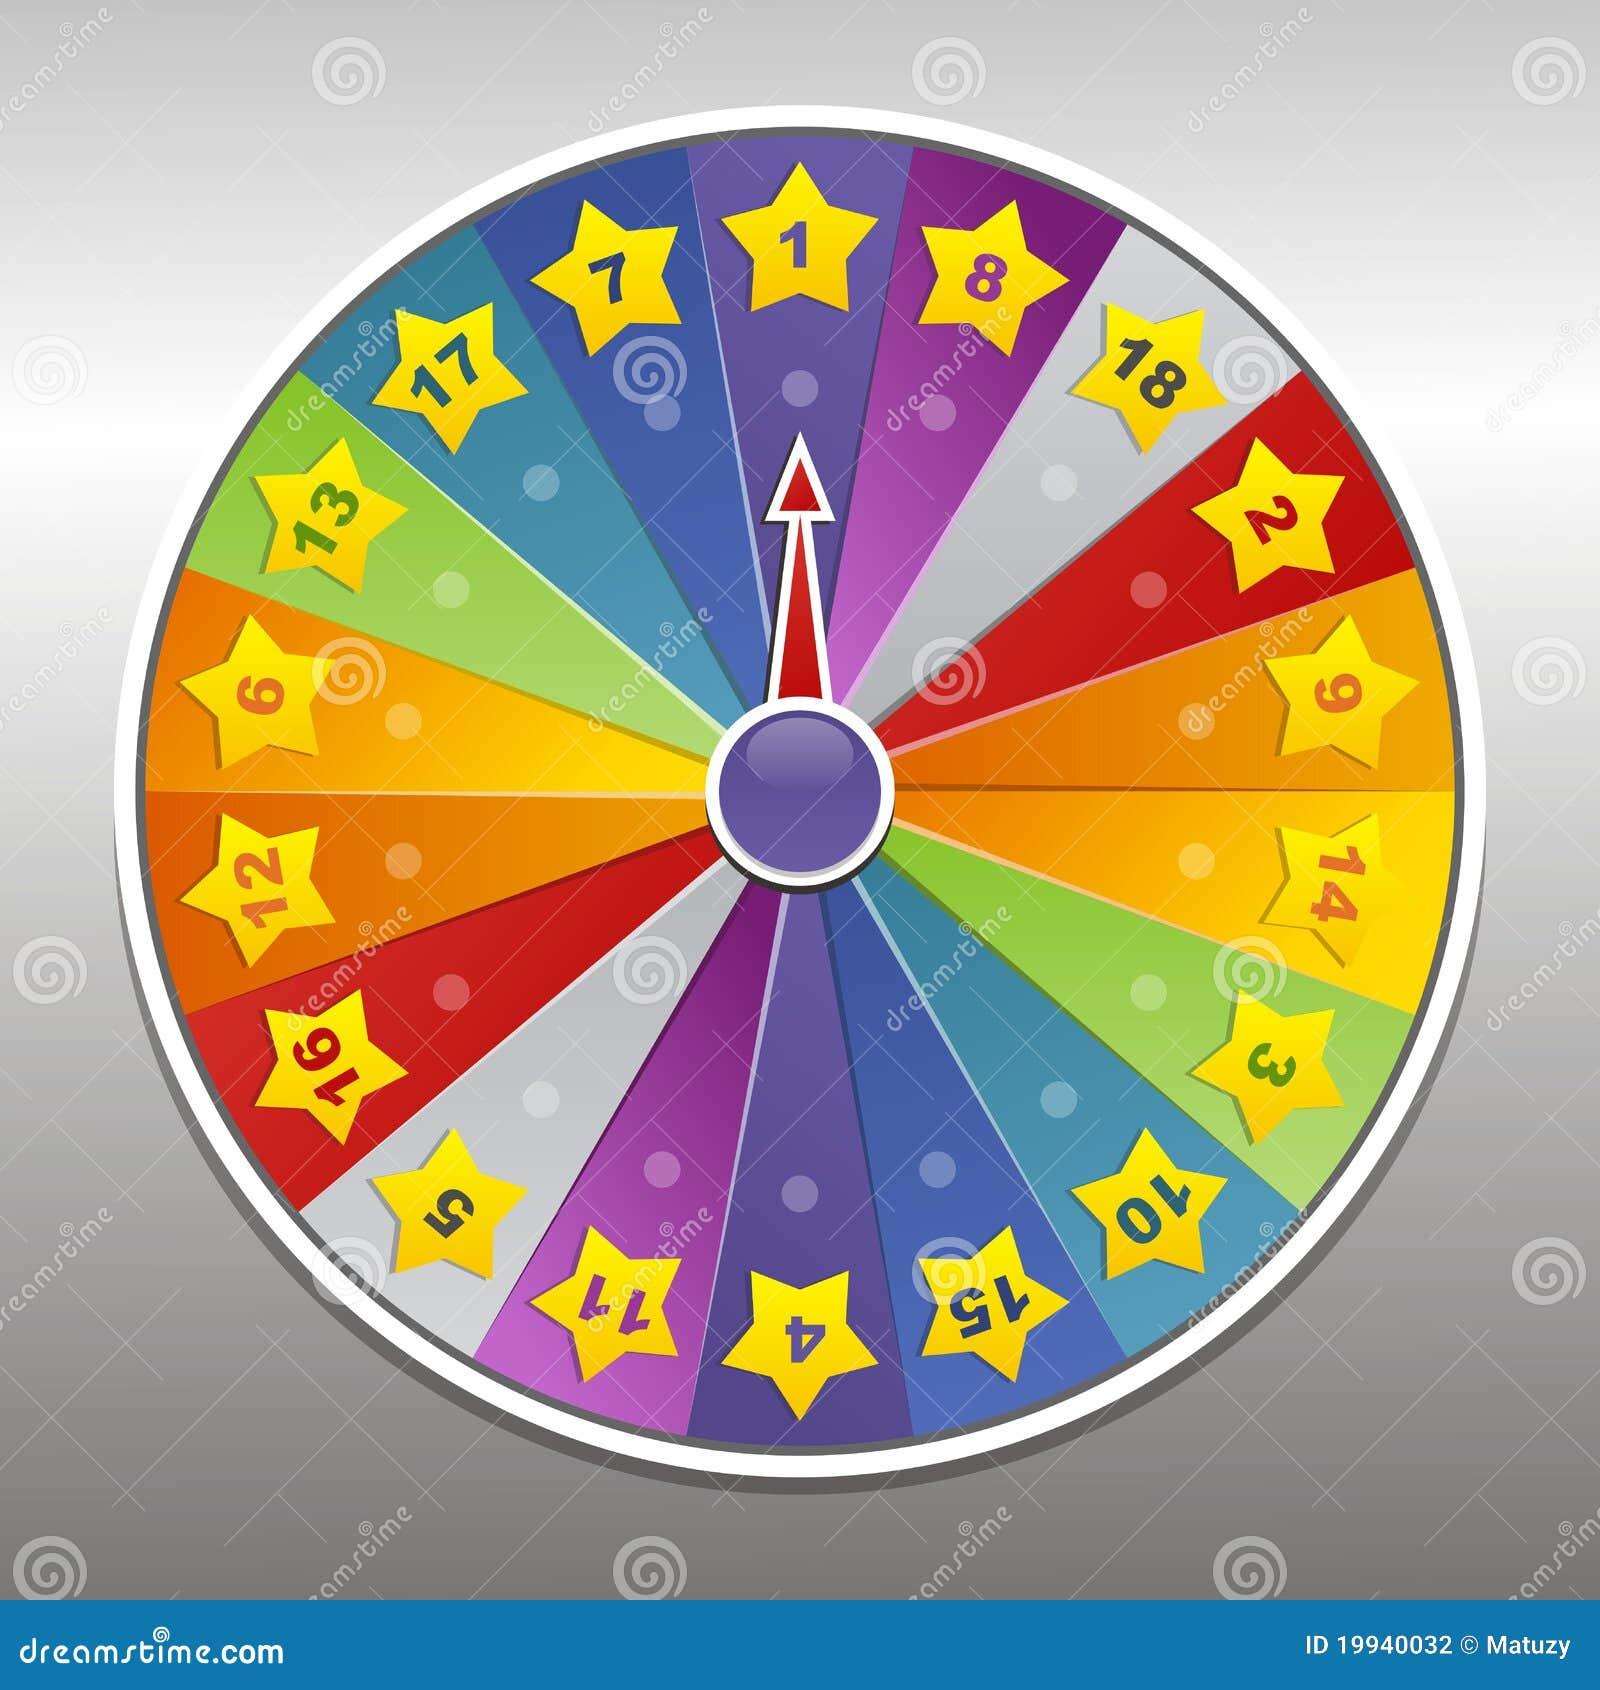 Jugar ruleta americana gratis casino 100% Legales-587719